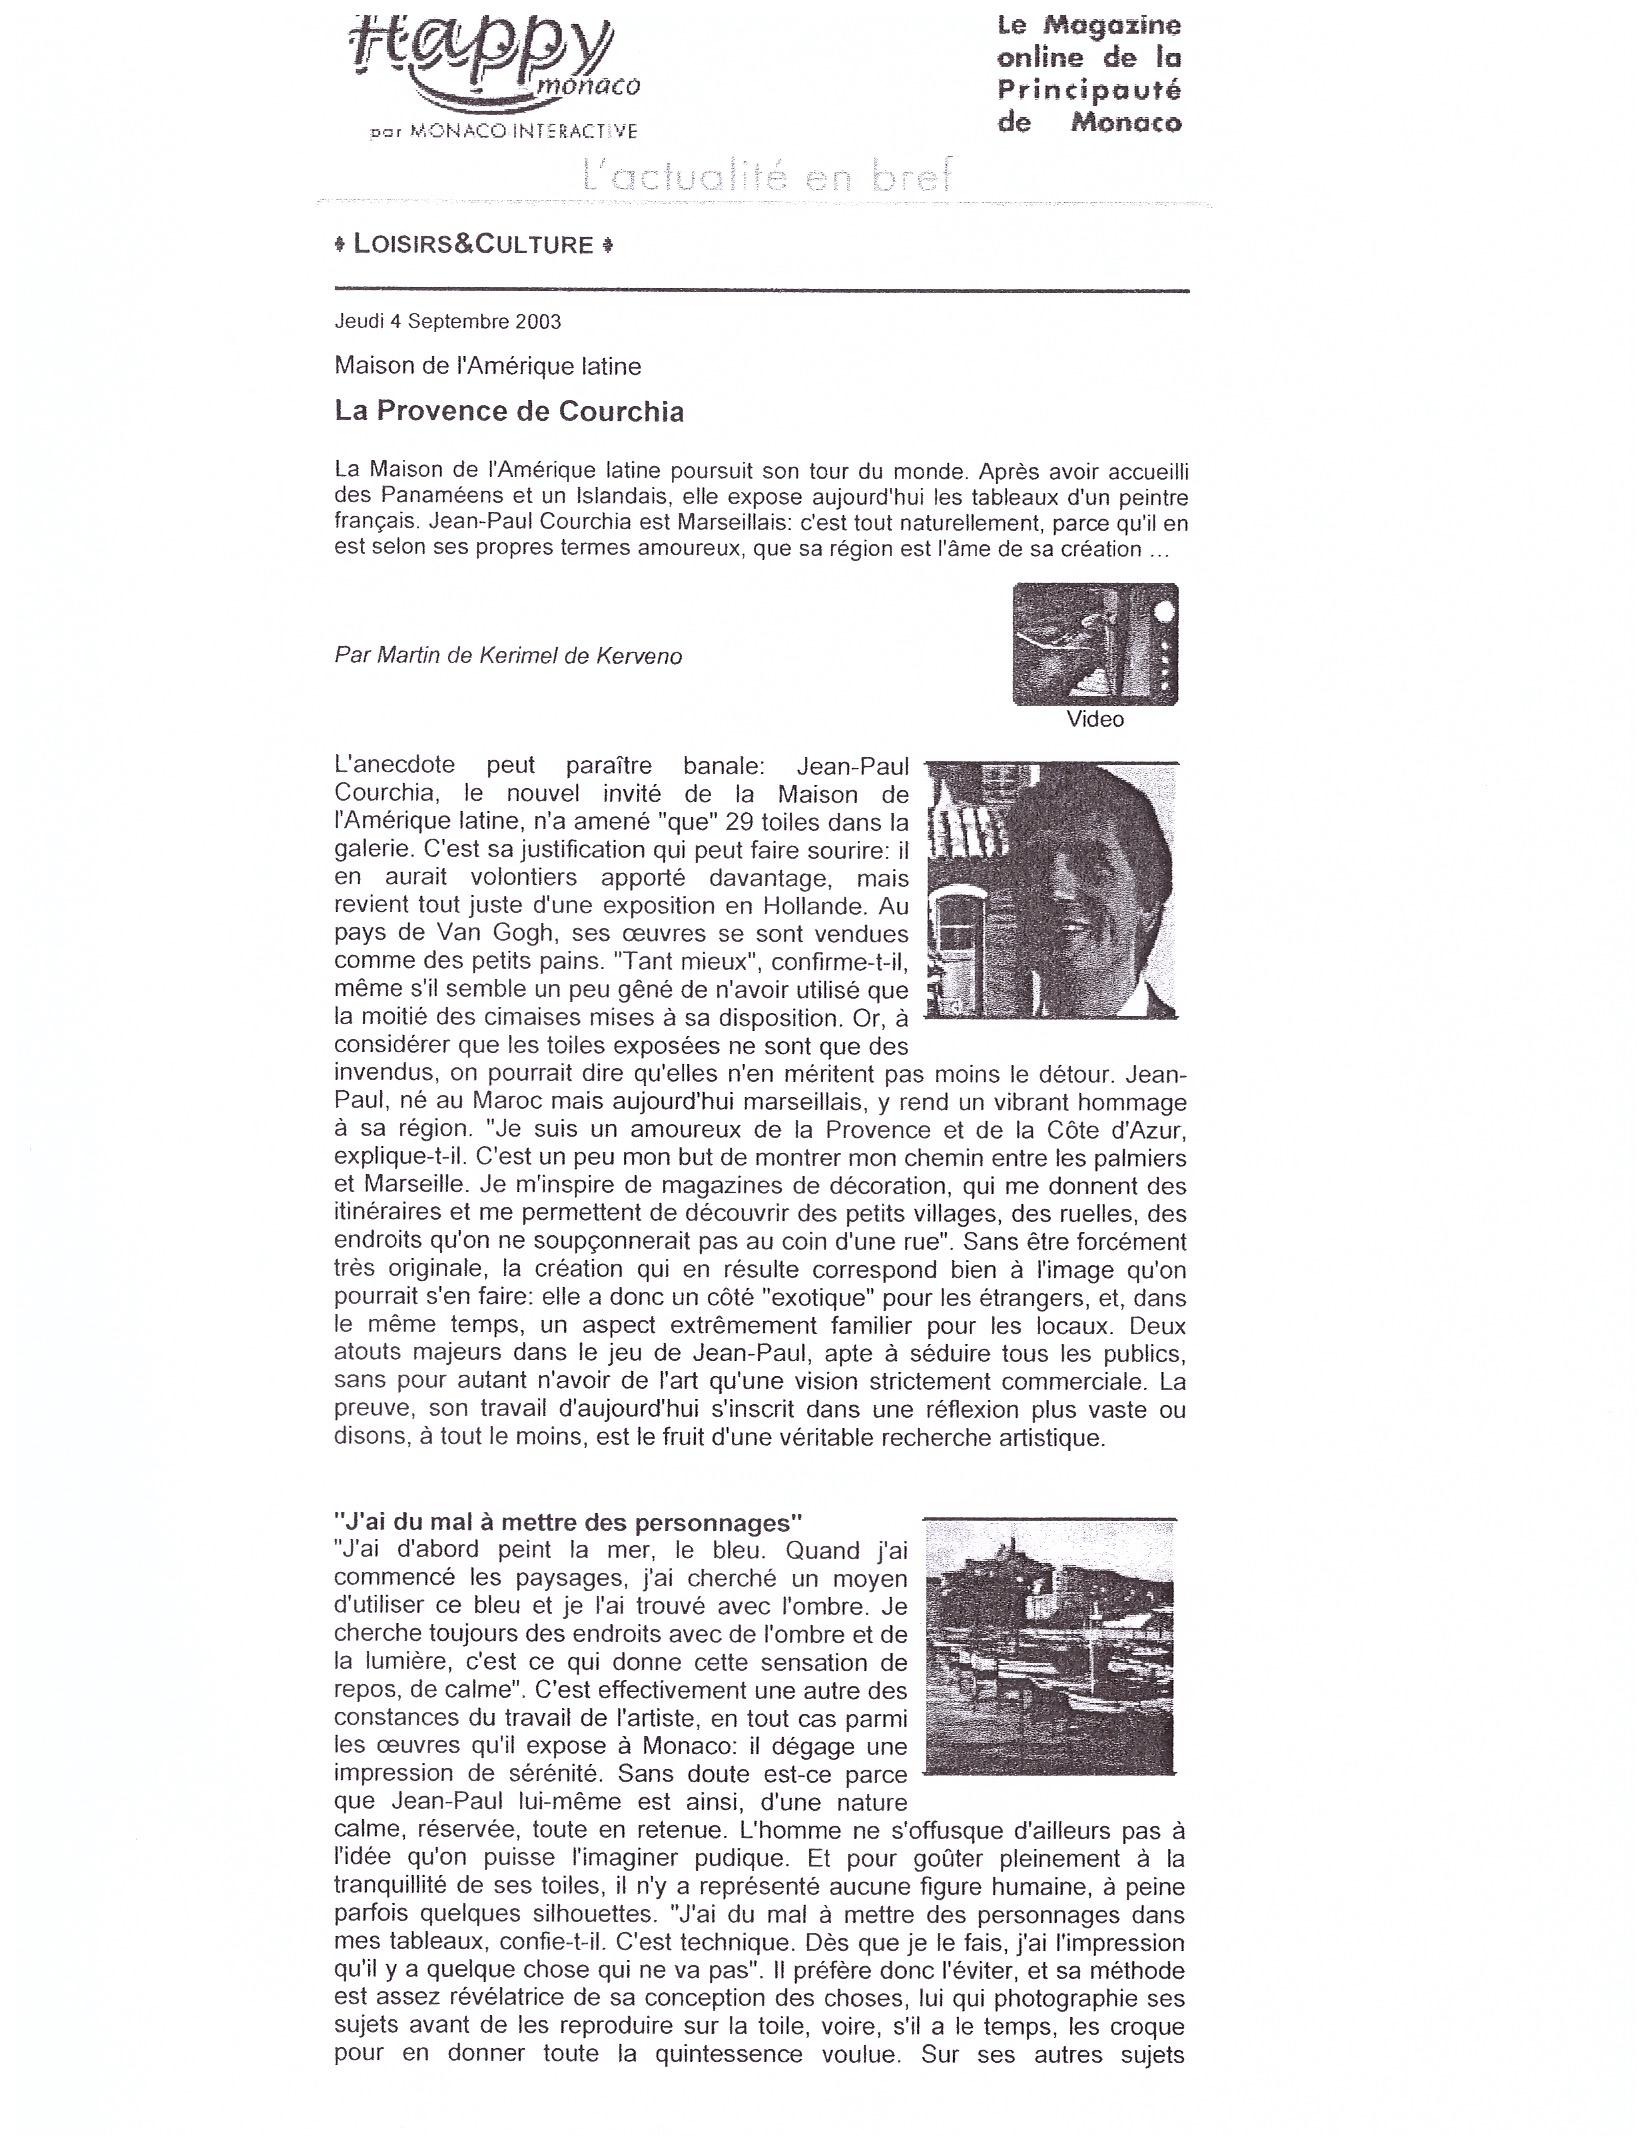 2003 MONACO P 9